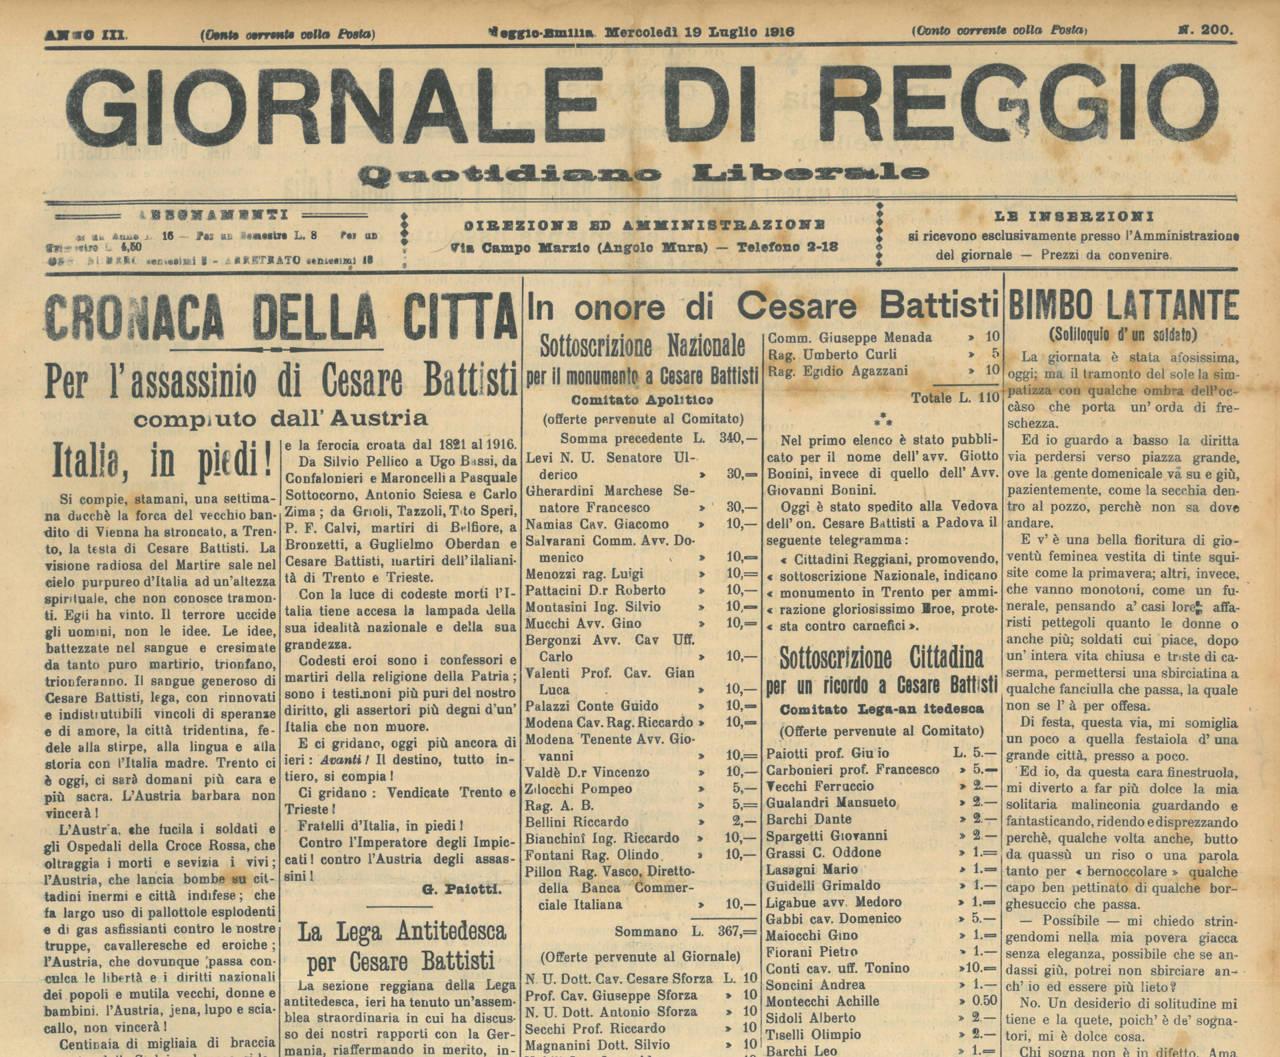 GIORNALE DI REGGIO, 19 LUGLIO 1916 ARCHIVIO ISTORECO